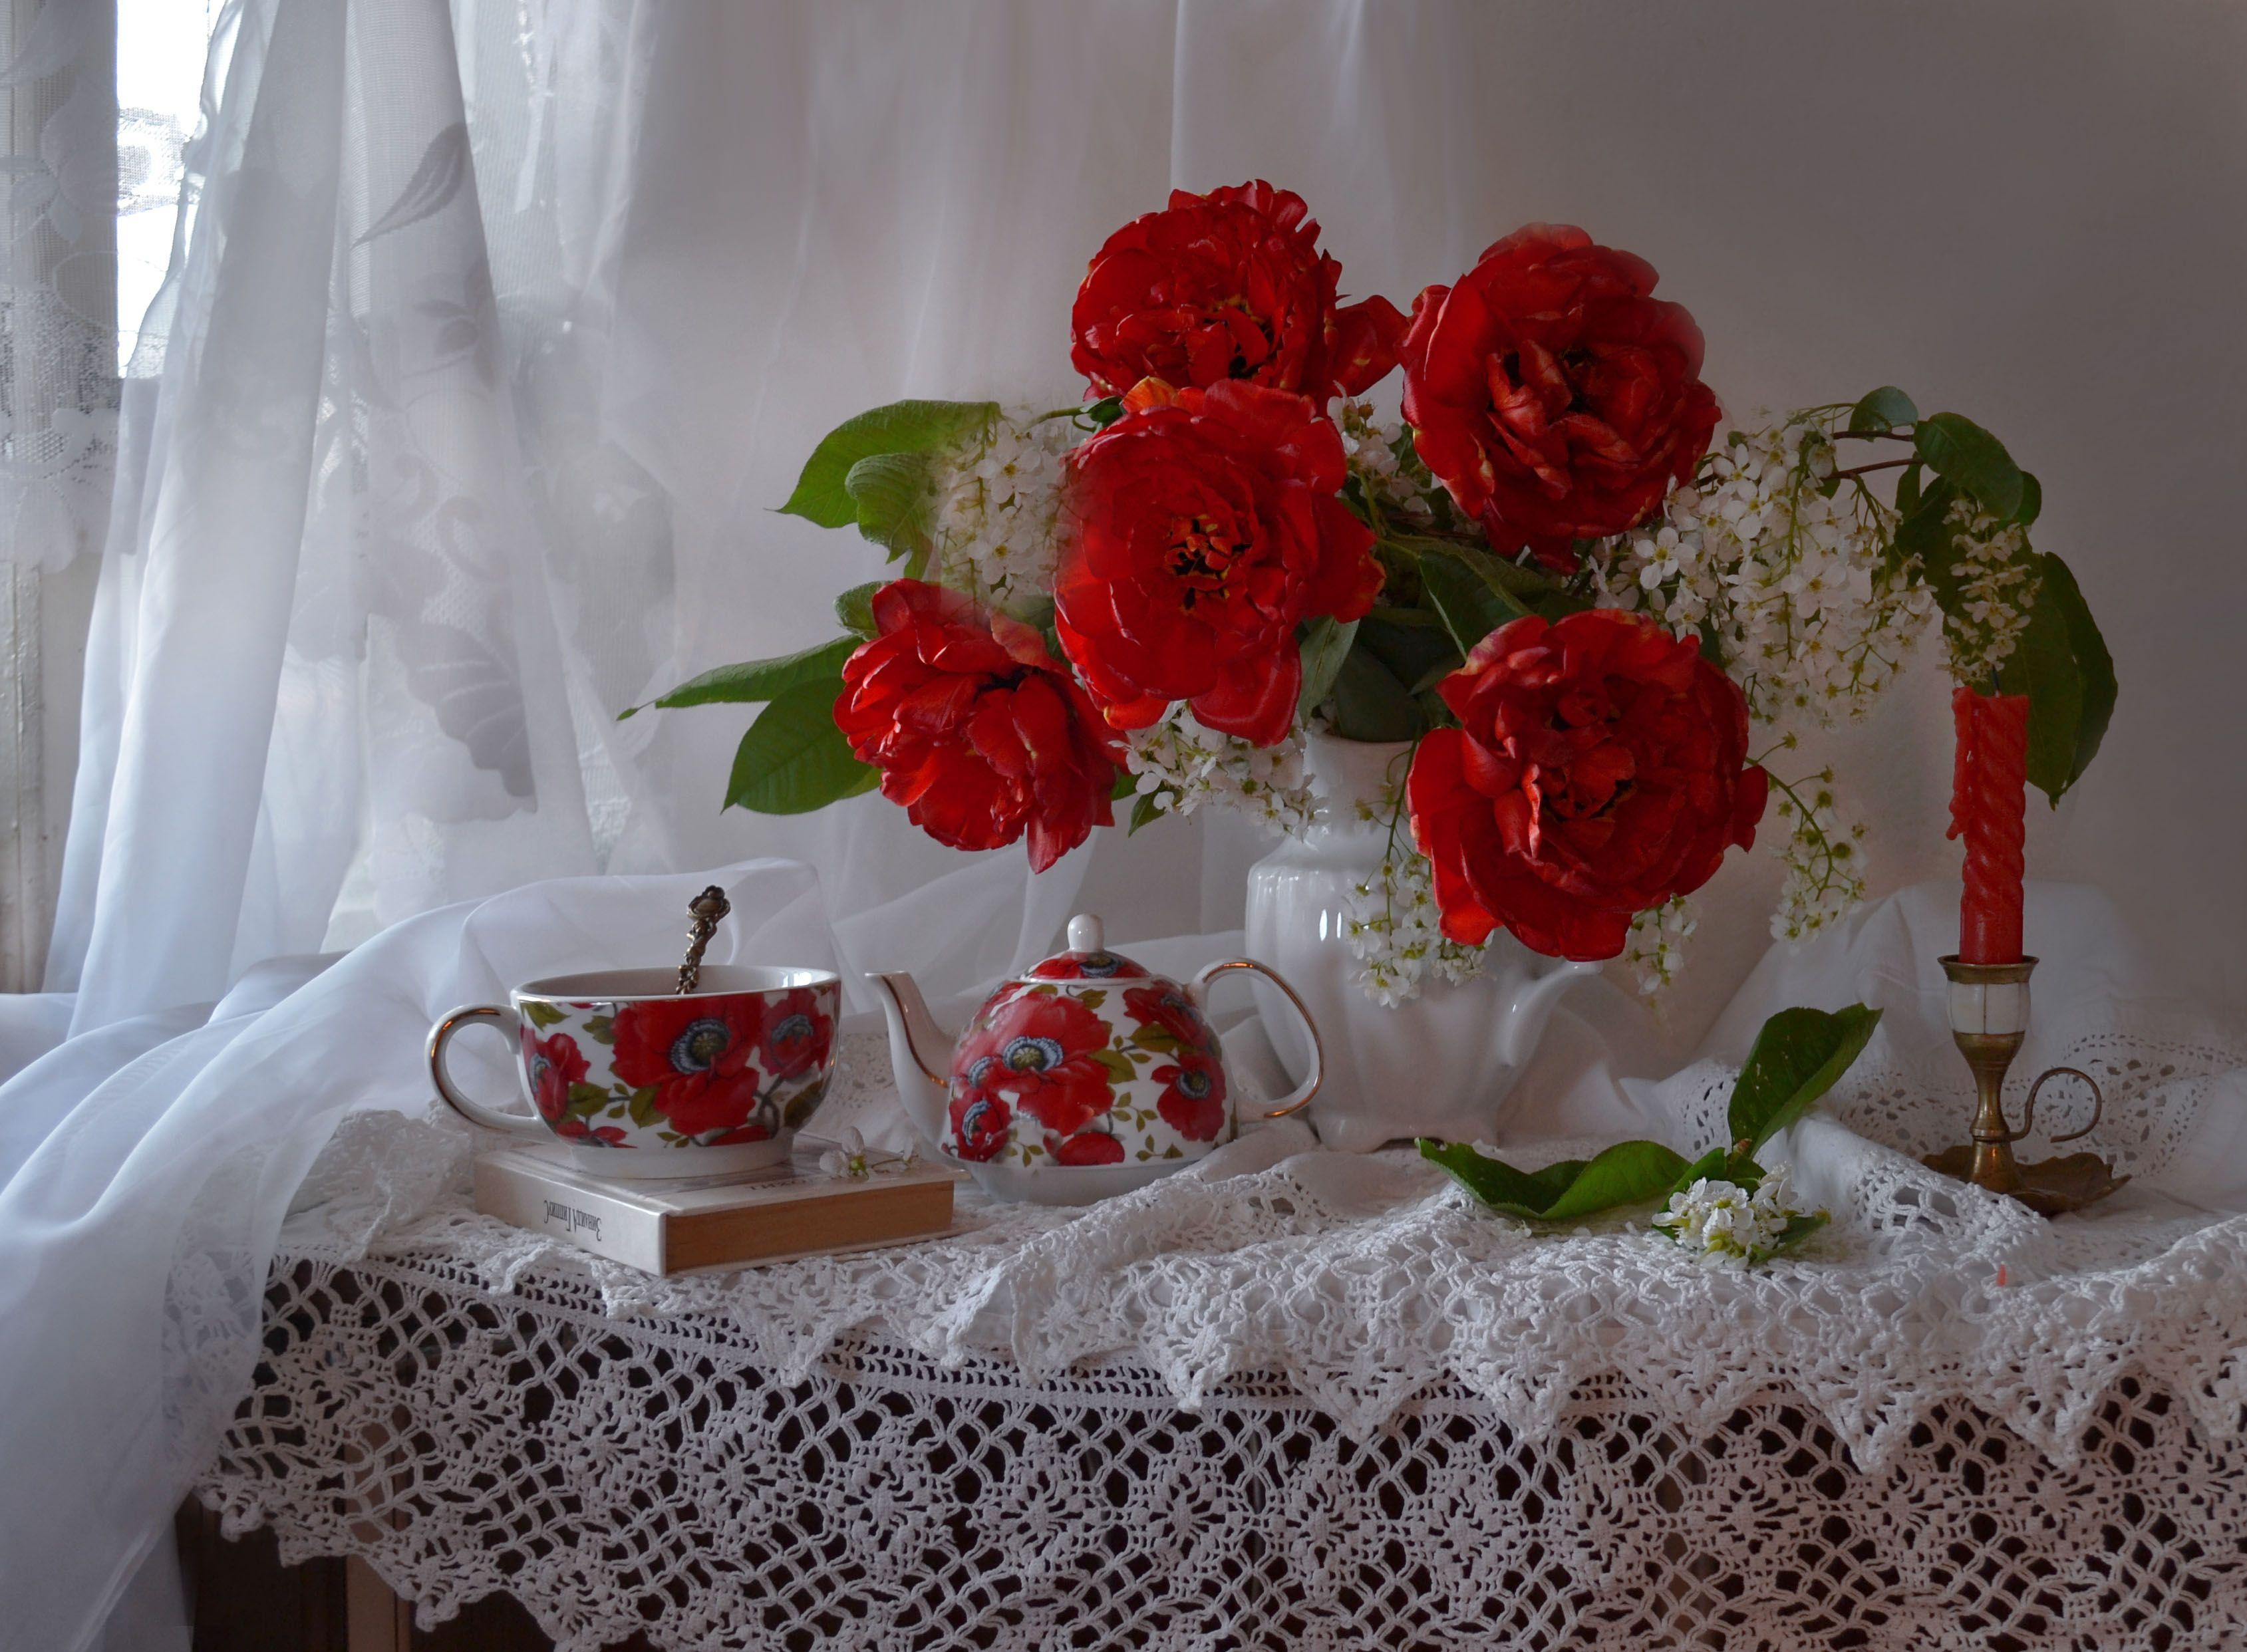 still life, натюрморт,  весна, май, подсвечник, свеча, тюльпаны пионовидные, цветы, черёмуха, фарфор, чайник, на закате, Колова Валентина